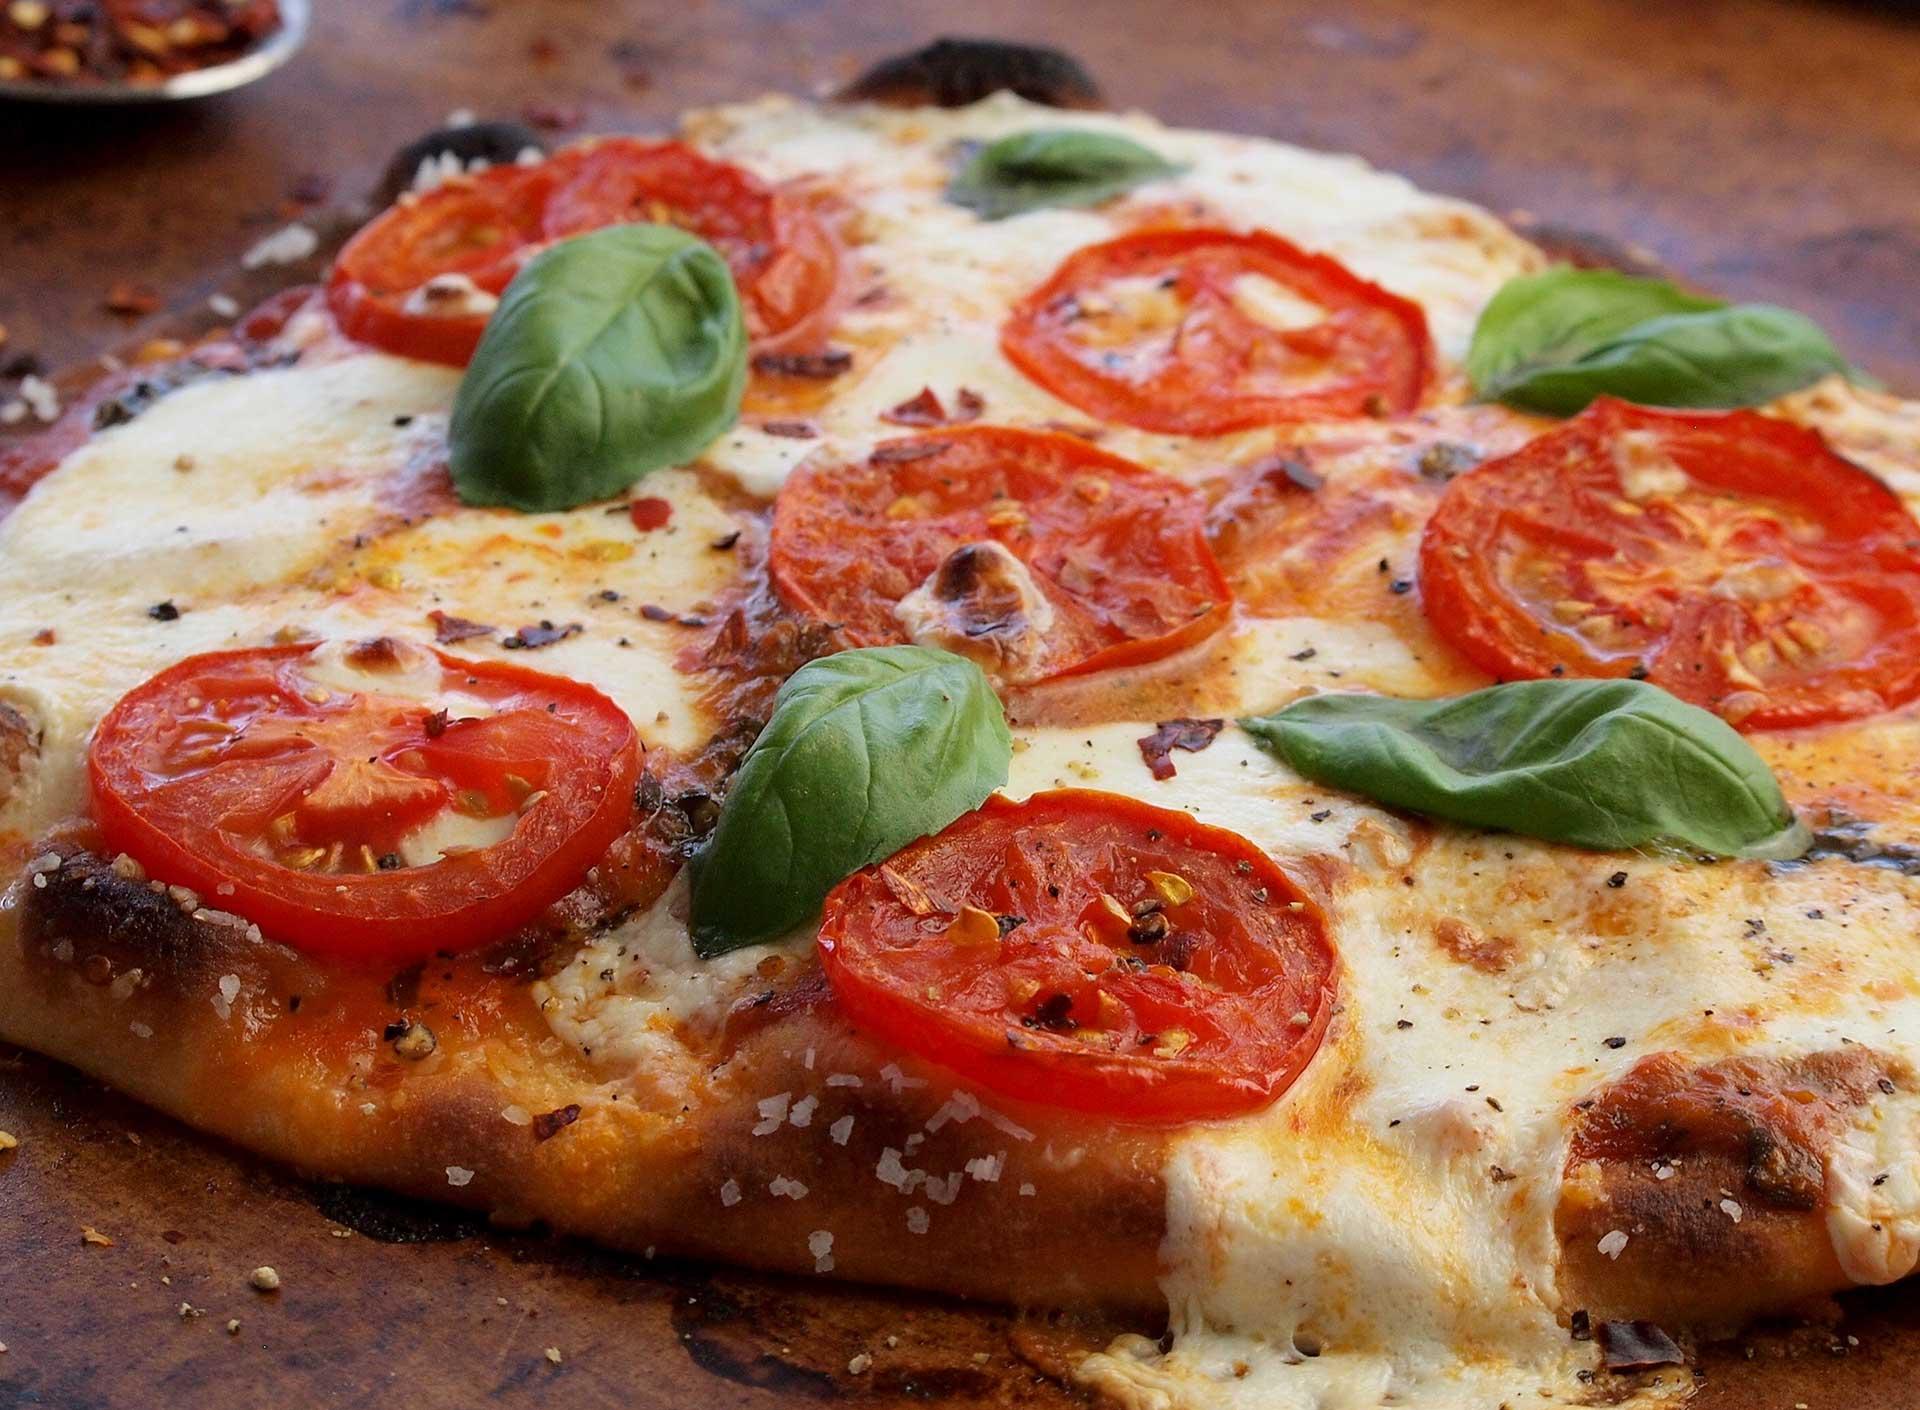 Melty Mozzarella and Tomato Flatbread